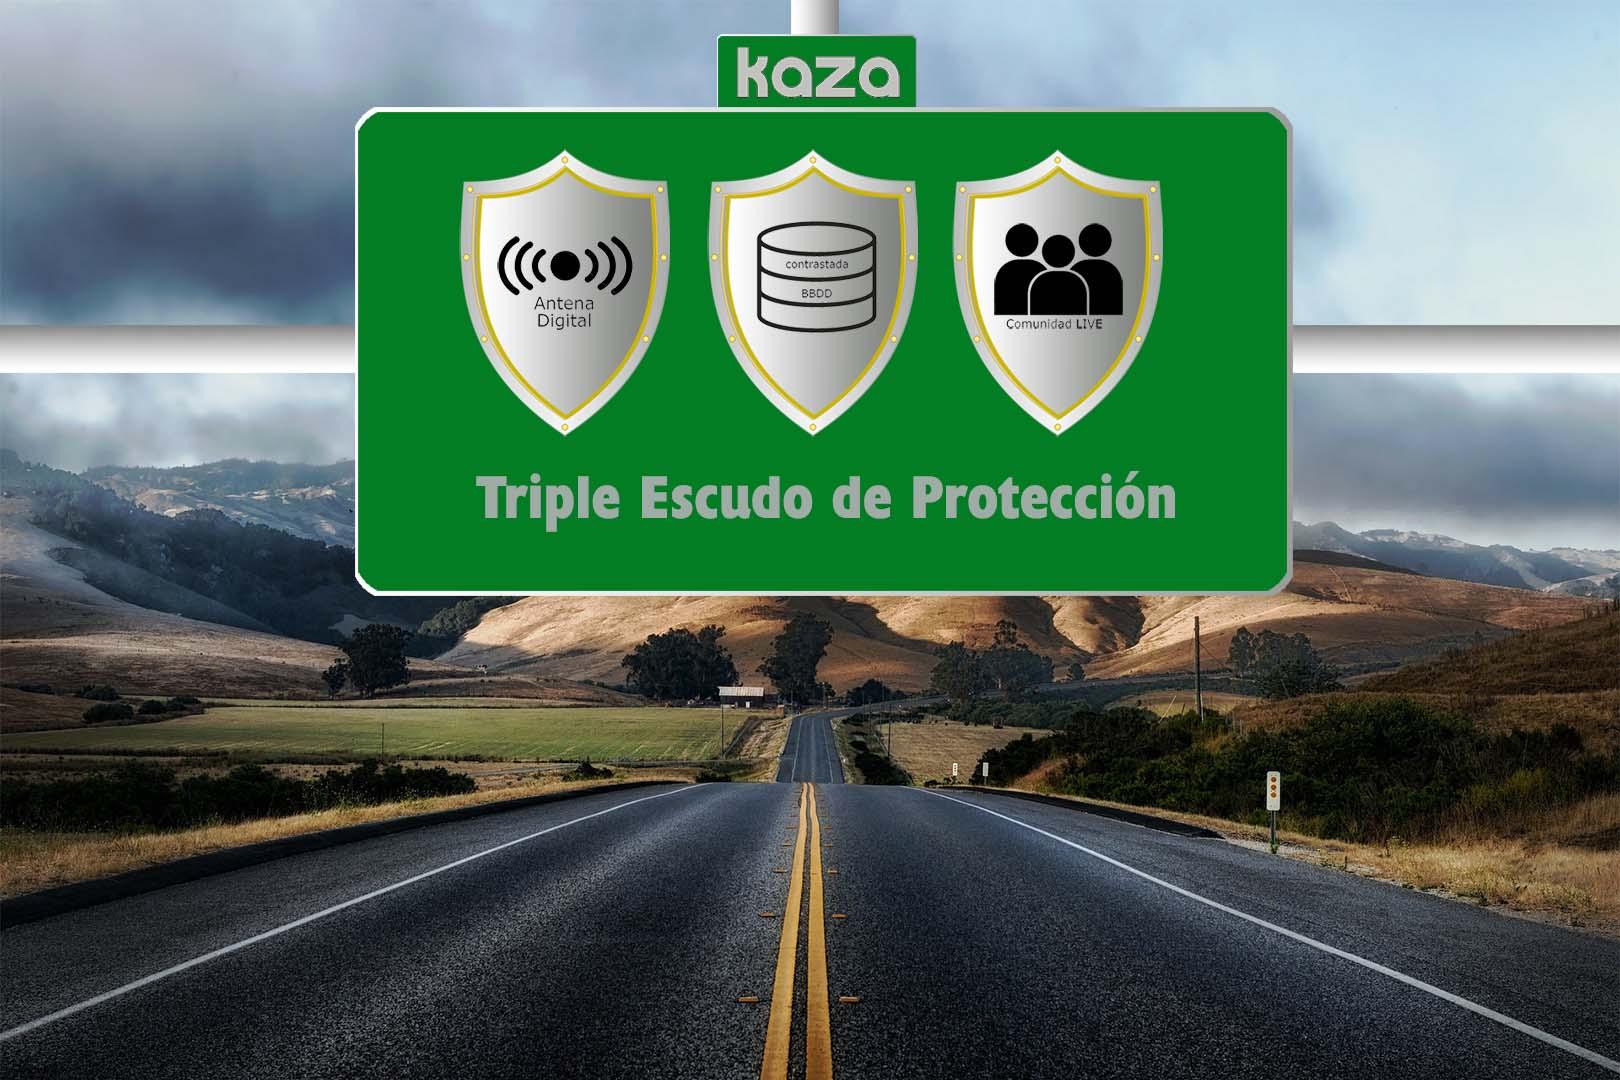 Triple Escudo de Protección Kaza